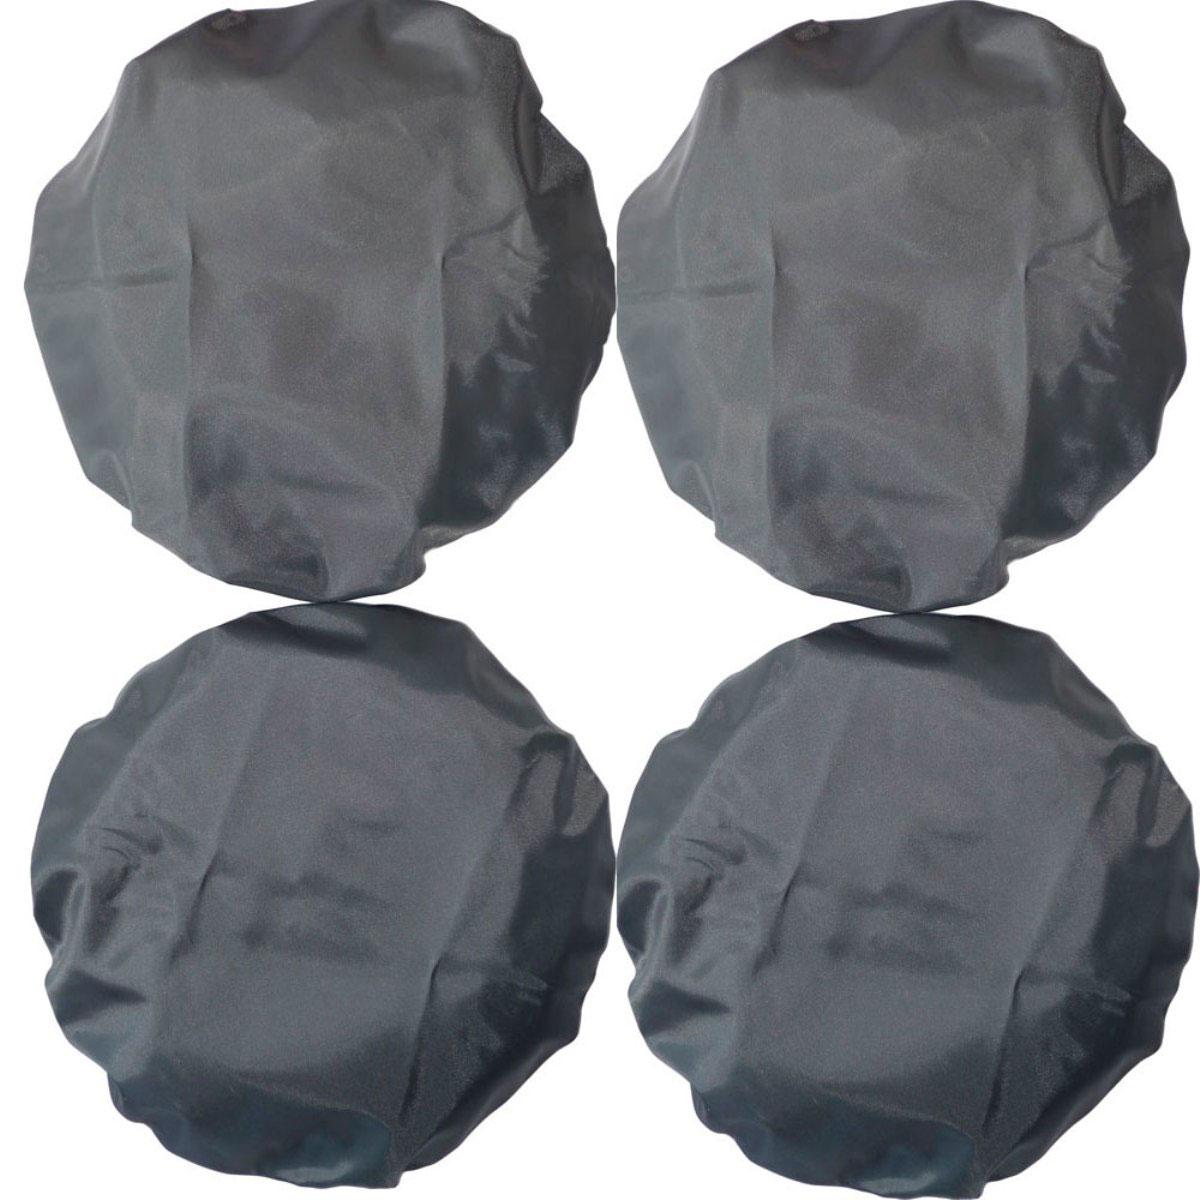 Чудо-Чадо Чехлы на колеса для коляски диаметр 28-38 см цвет мокрый асфальт 4 шт -  Коляски и аксессуары